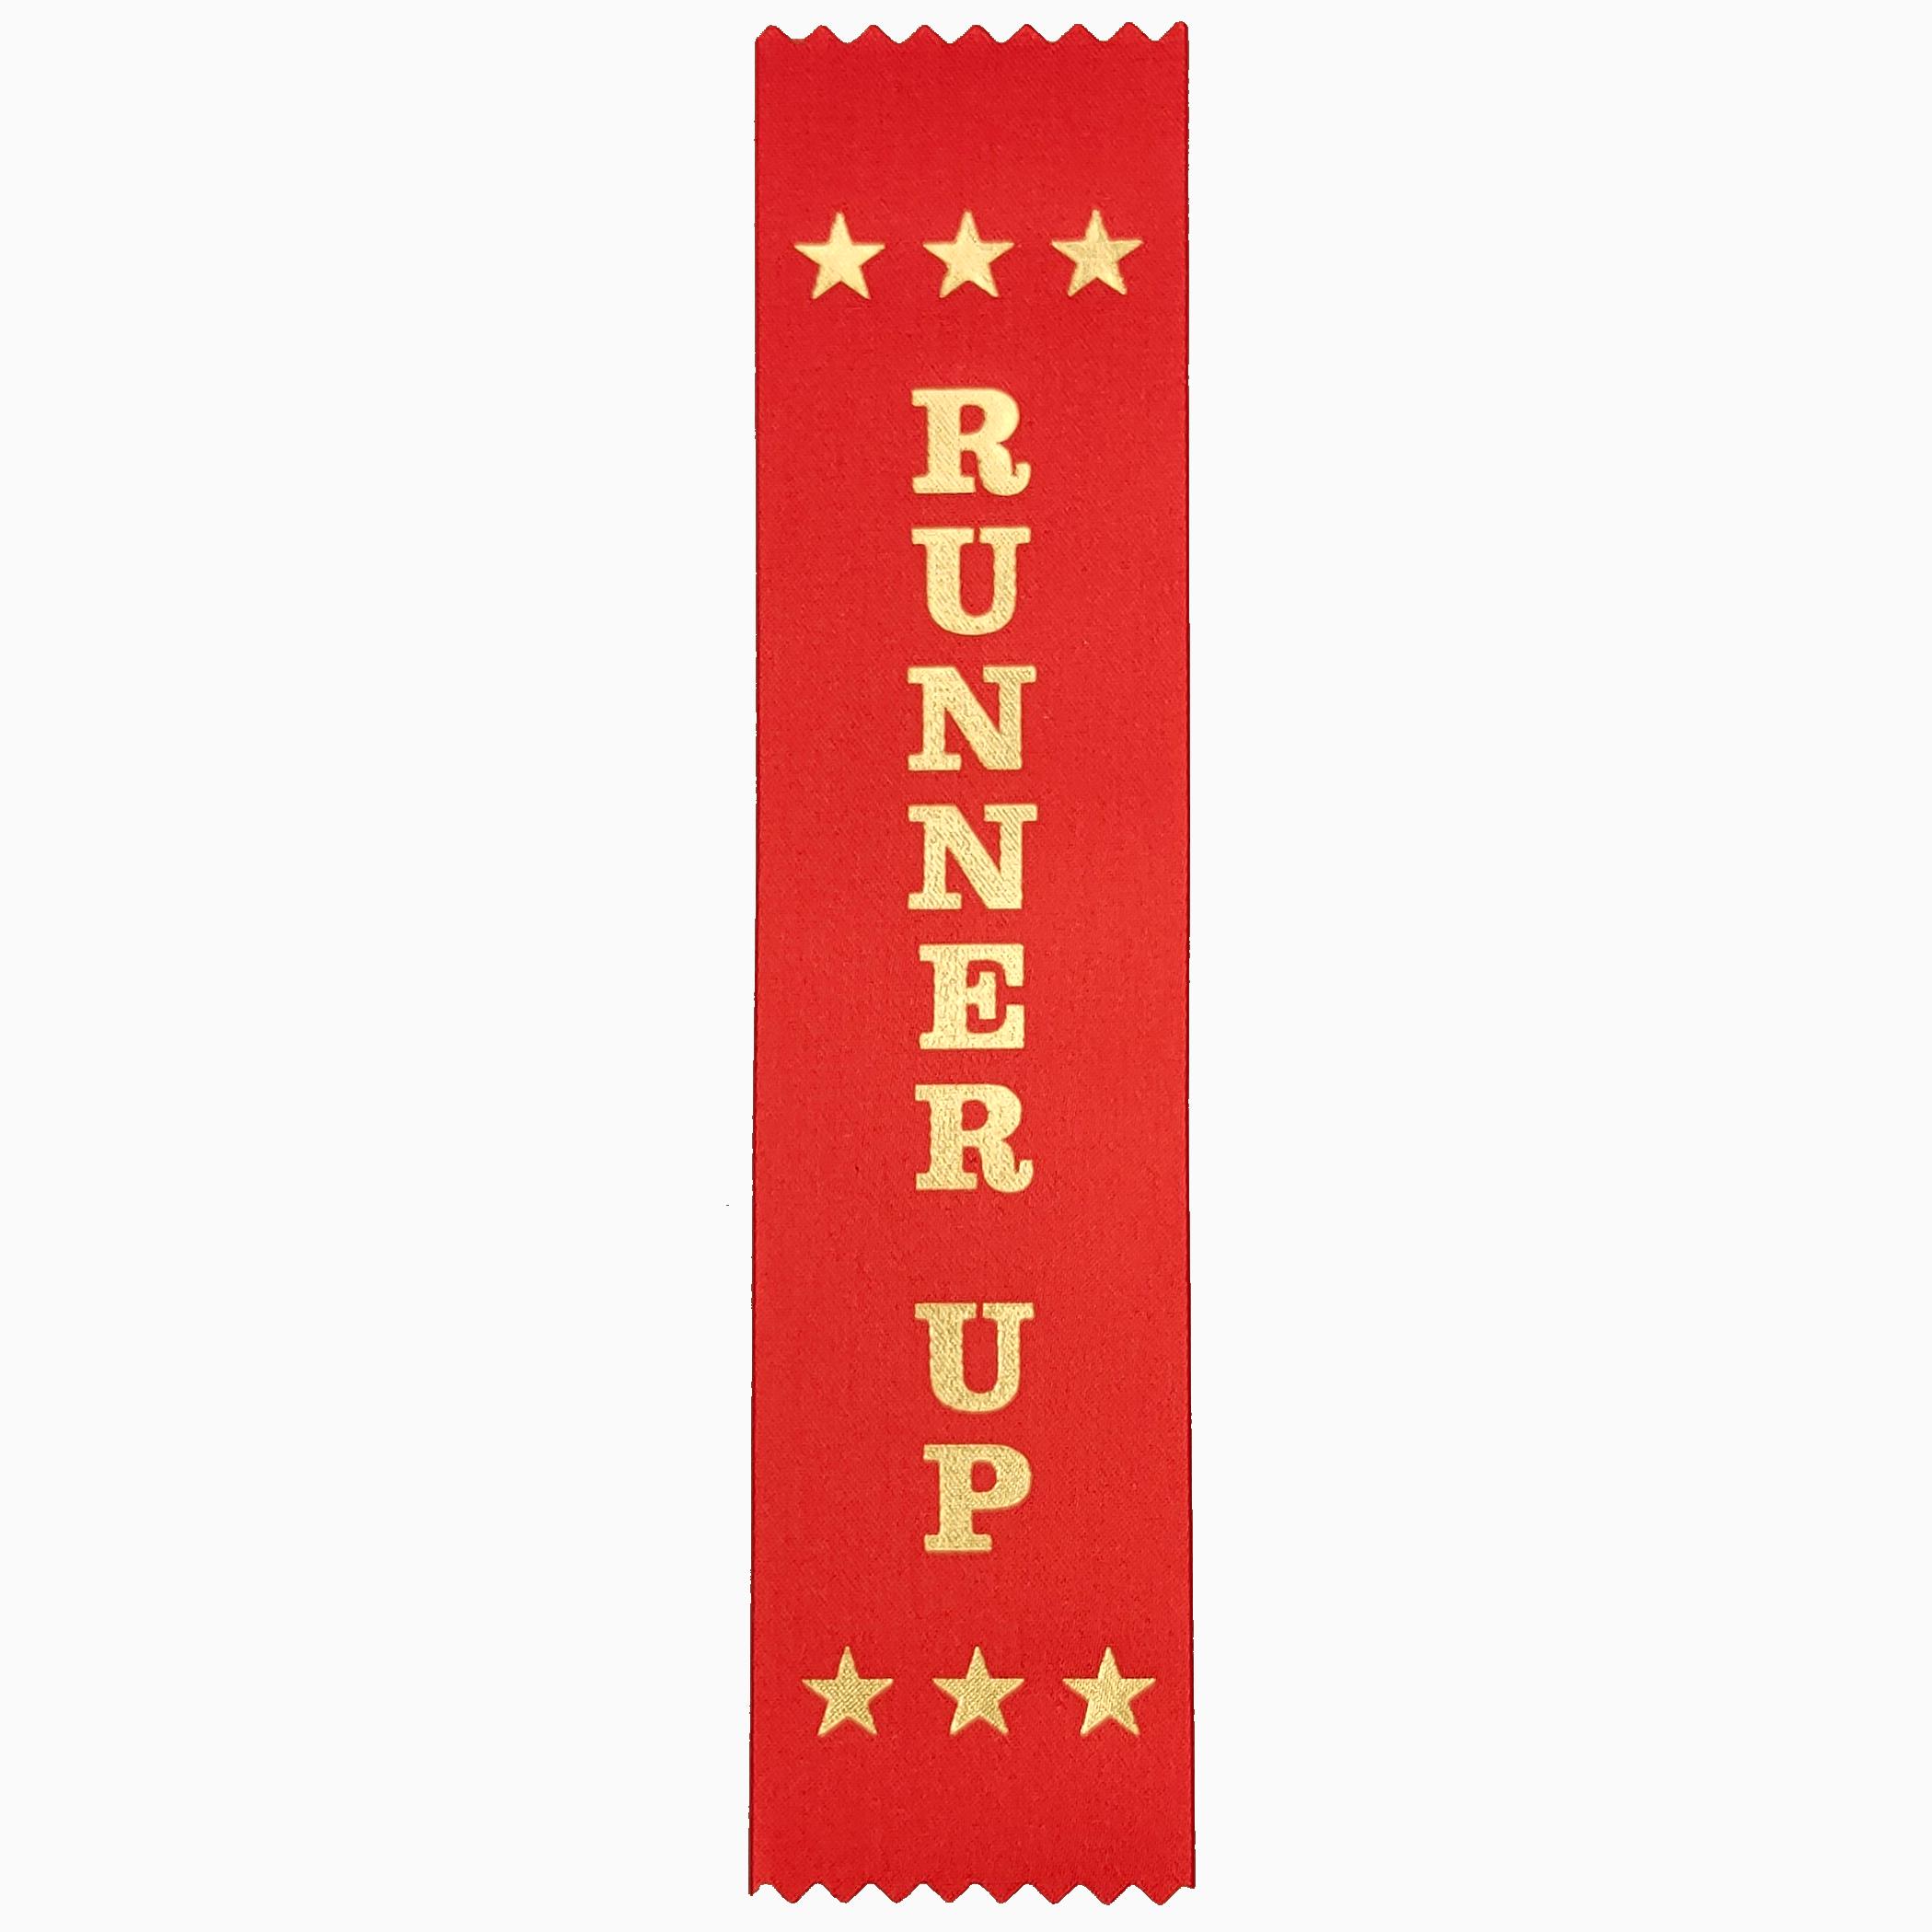 Runner Up award ribbons